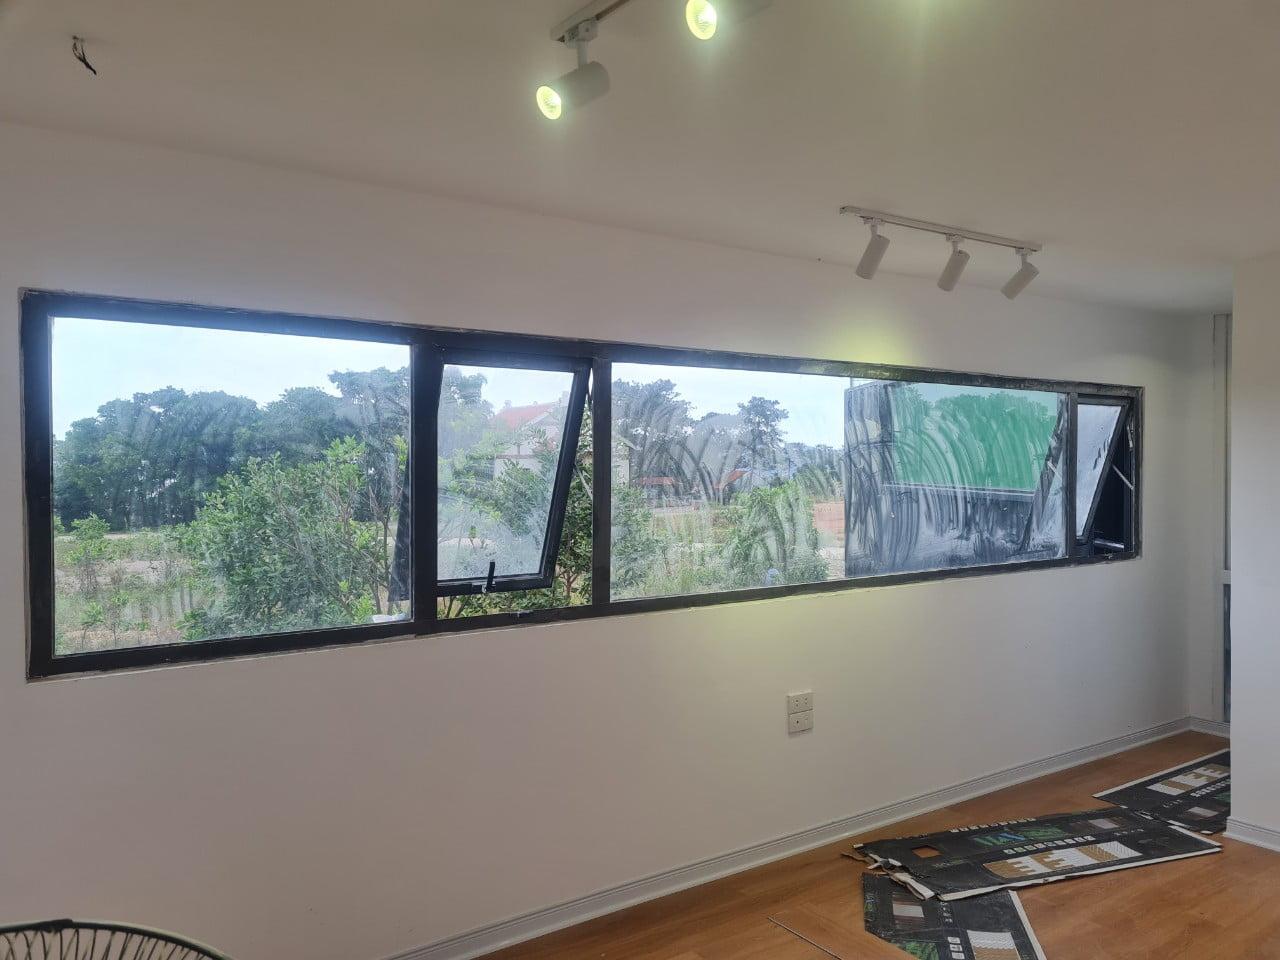 Ô cửa sổ to chủ nhà muốn làm 5 bộ rèm cầu vồng